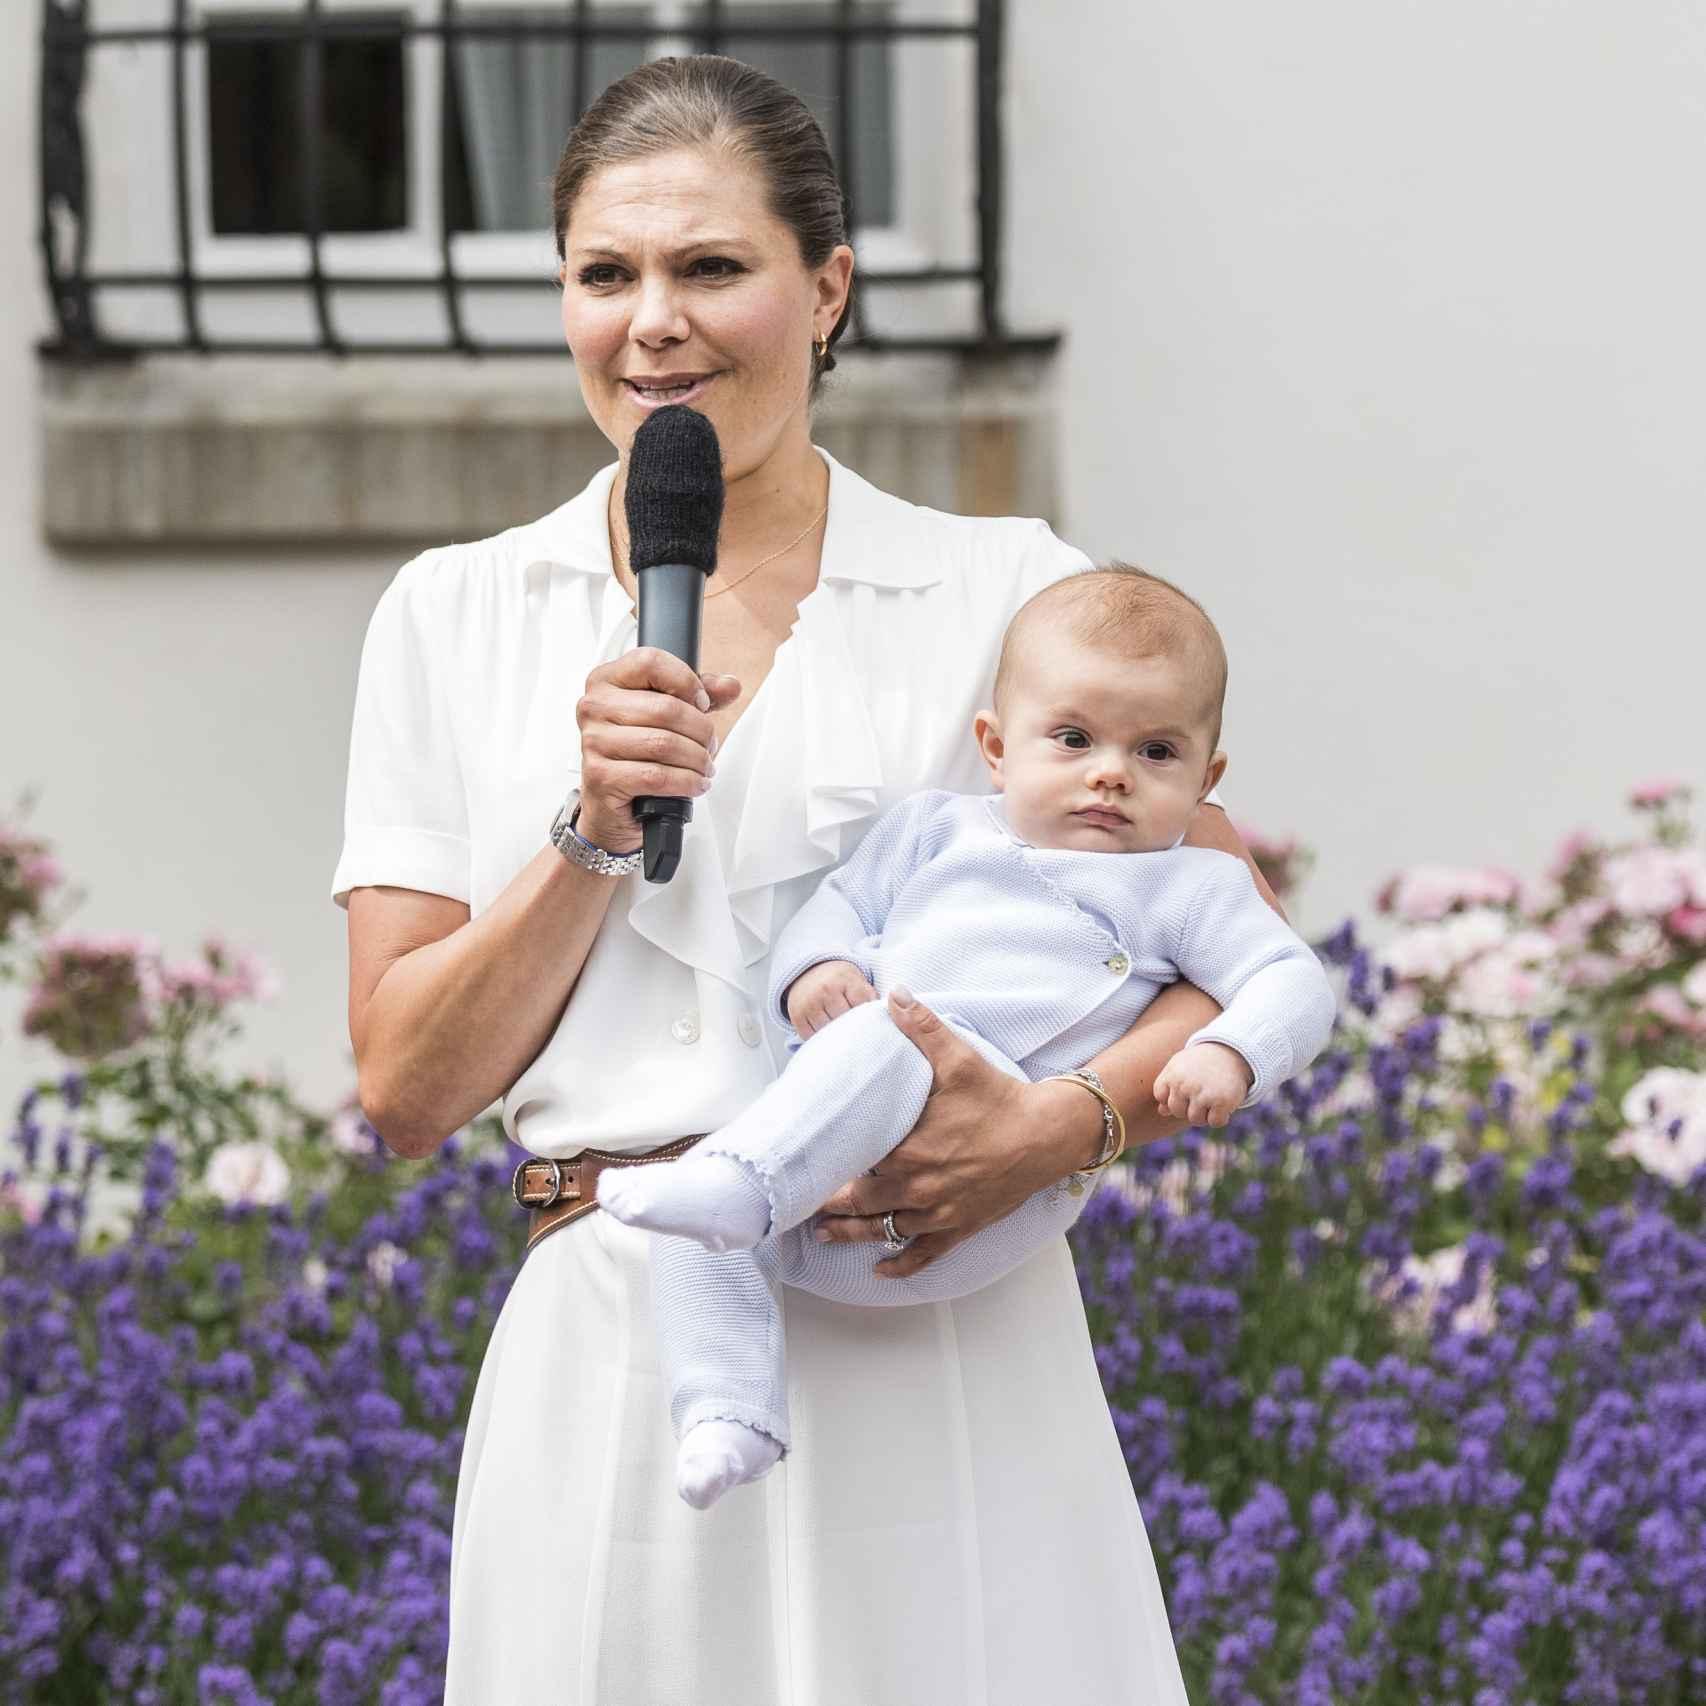 Victoria de Suecia, con el pequeño Oscar en brazos, se dirige a los asistentes.